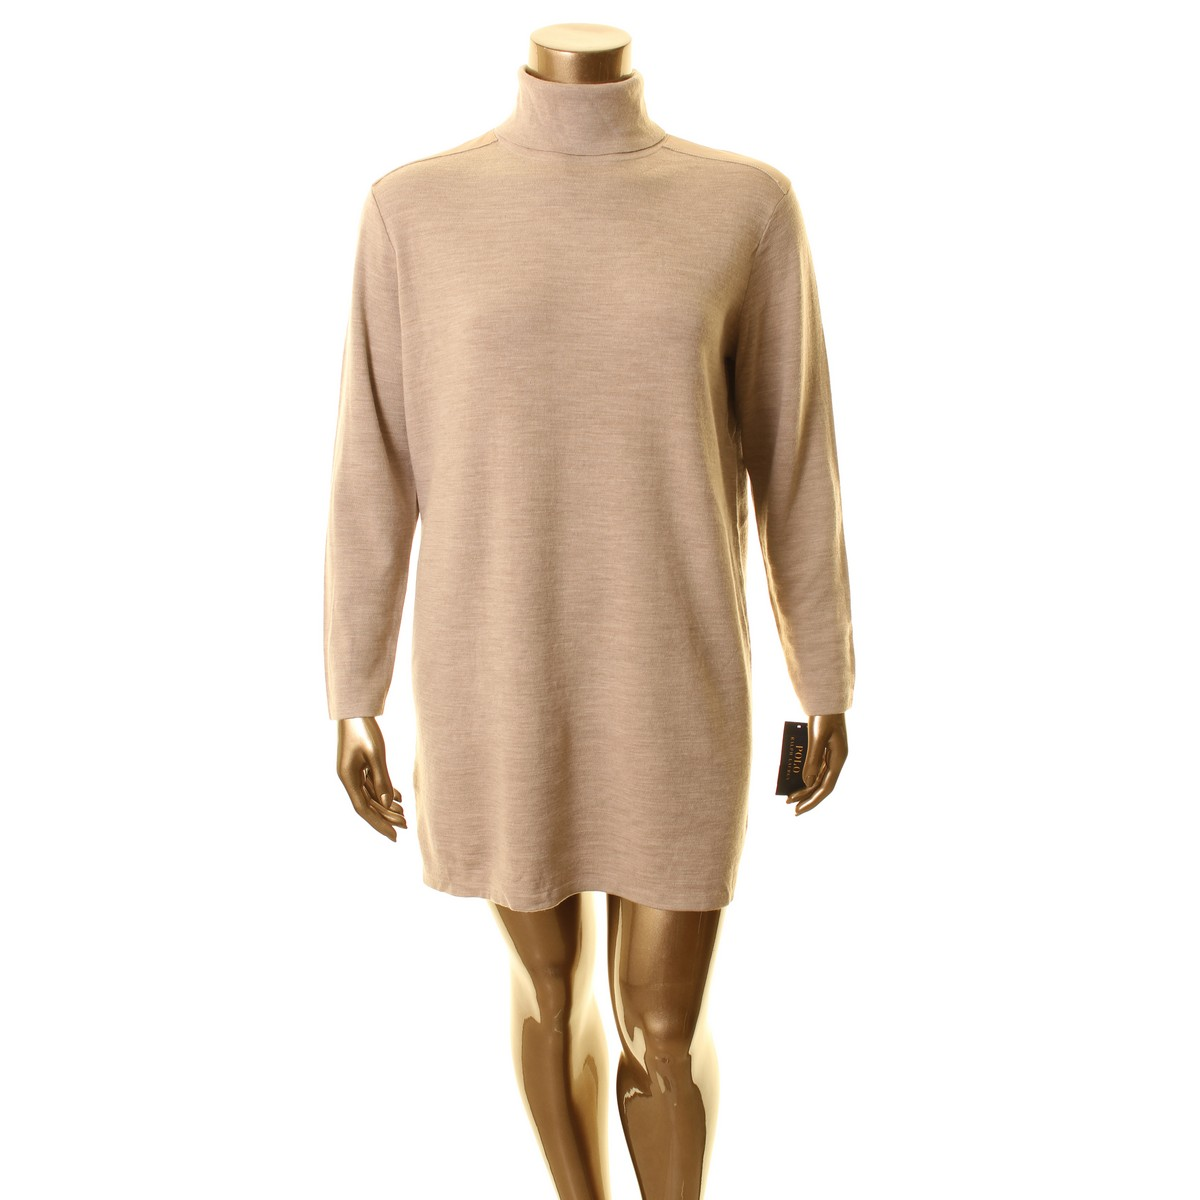 bc29e199e226 Polo Ralph Lauren Nuova Donna Marronee Manica Lunga Tubino XL Tedo  Dolcevita da ntykko3033-Vestiti